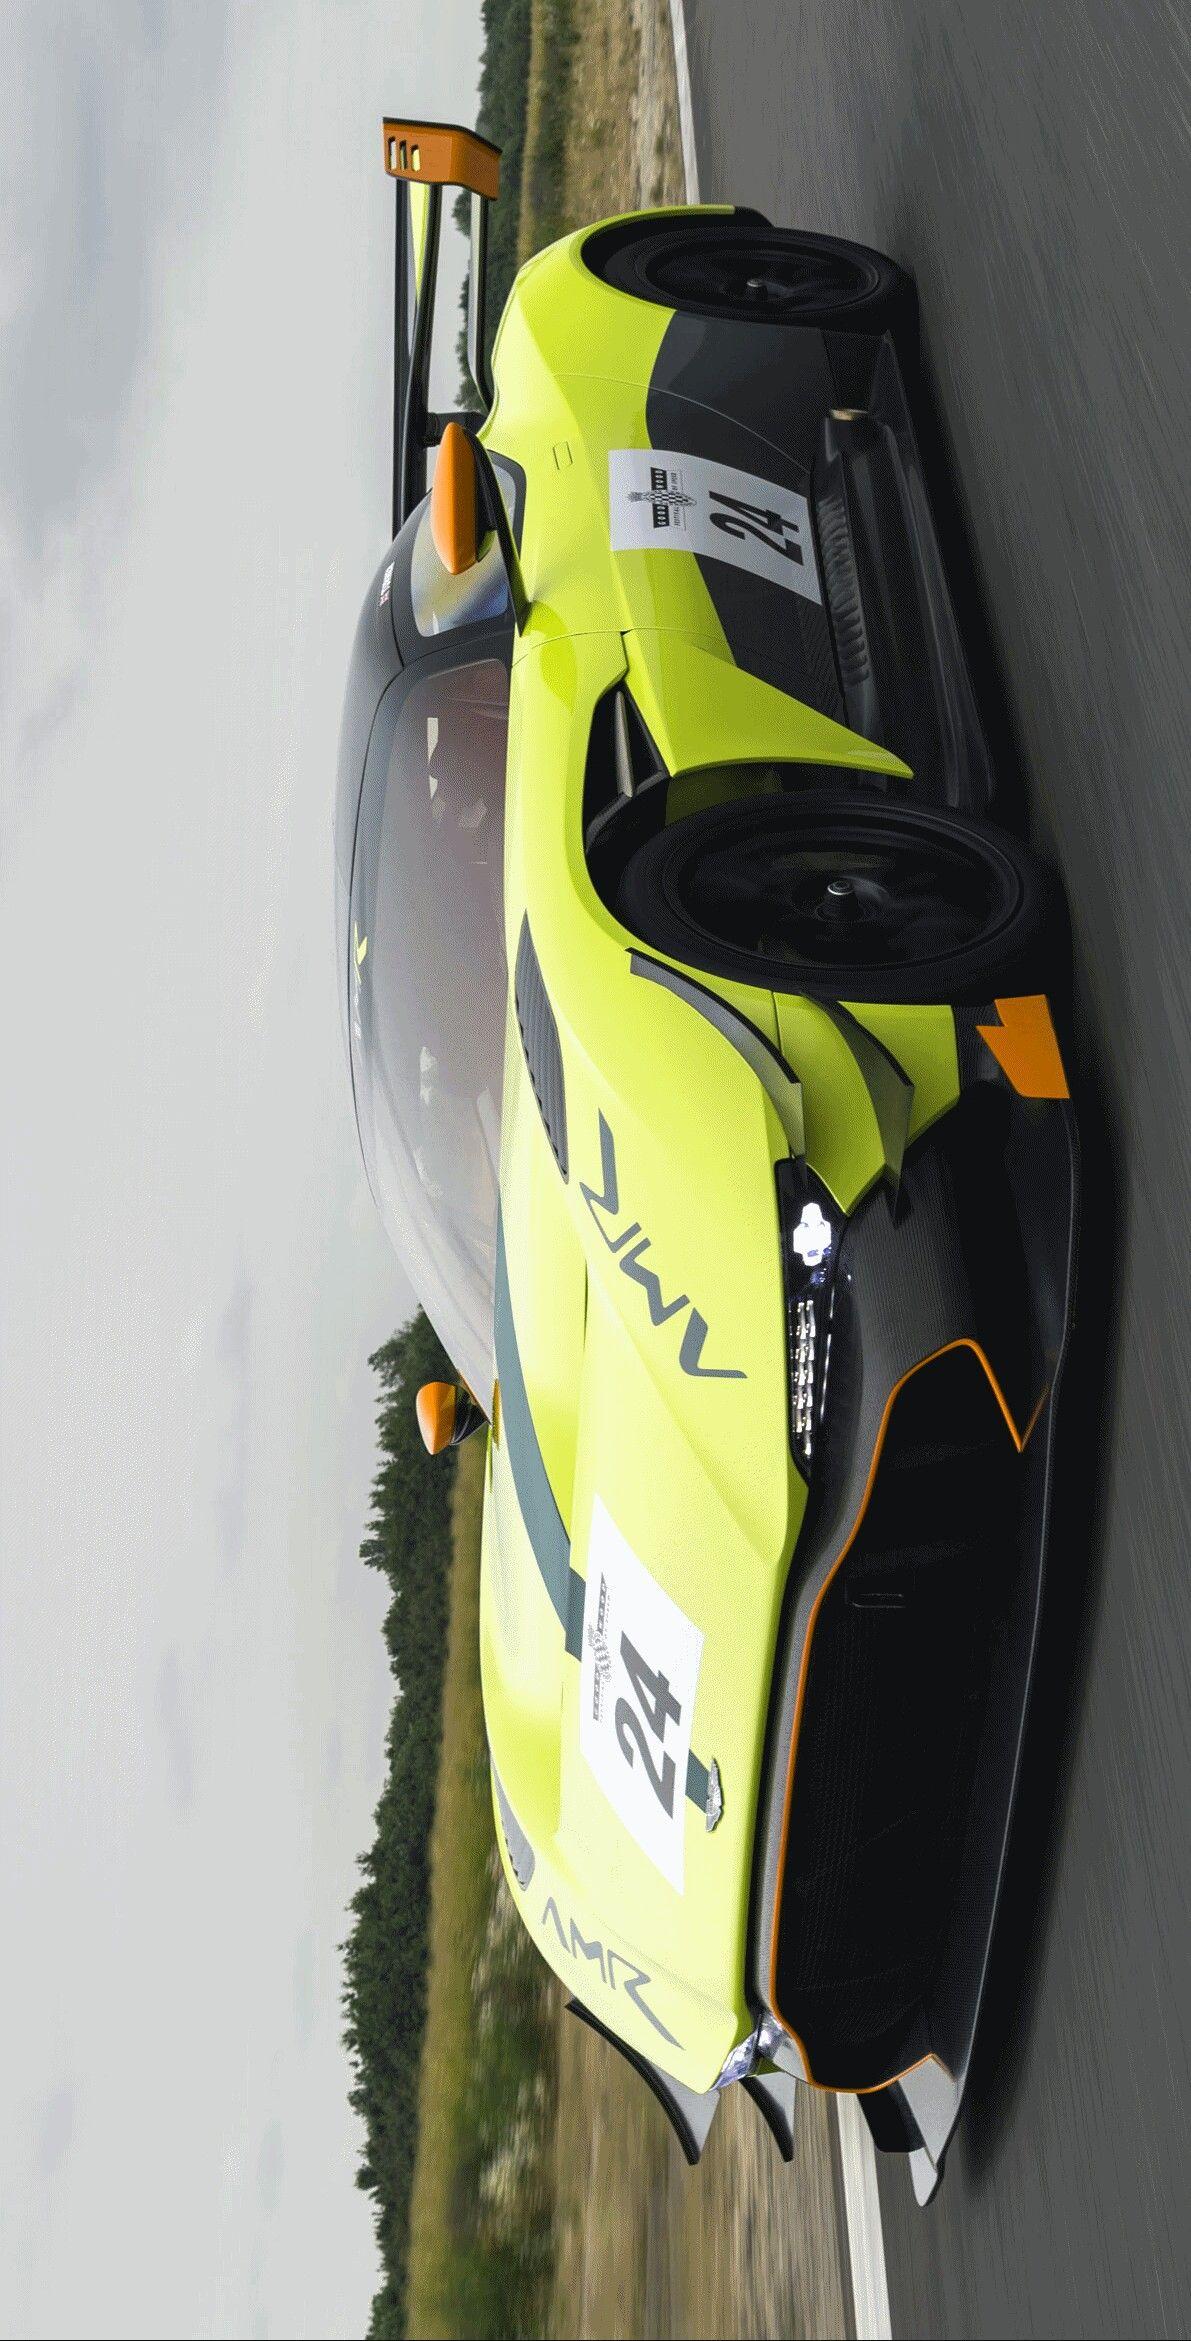 2017 Aston Martin Vulcan Amr Pro Carros De Luxo Carros Exoticos